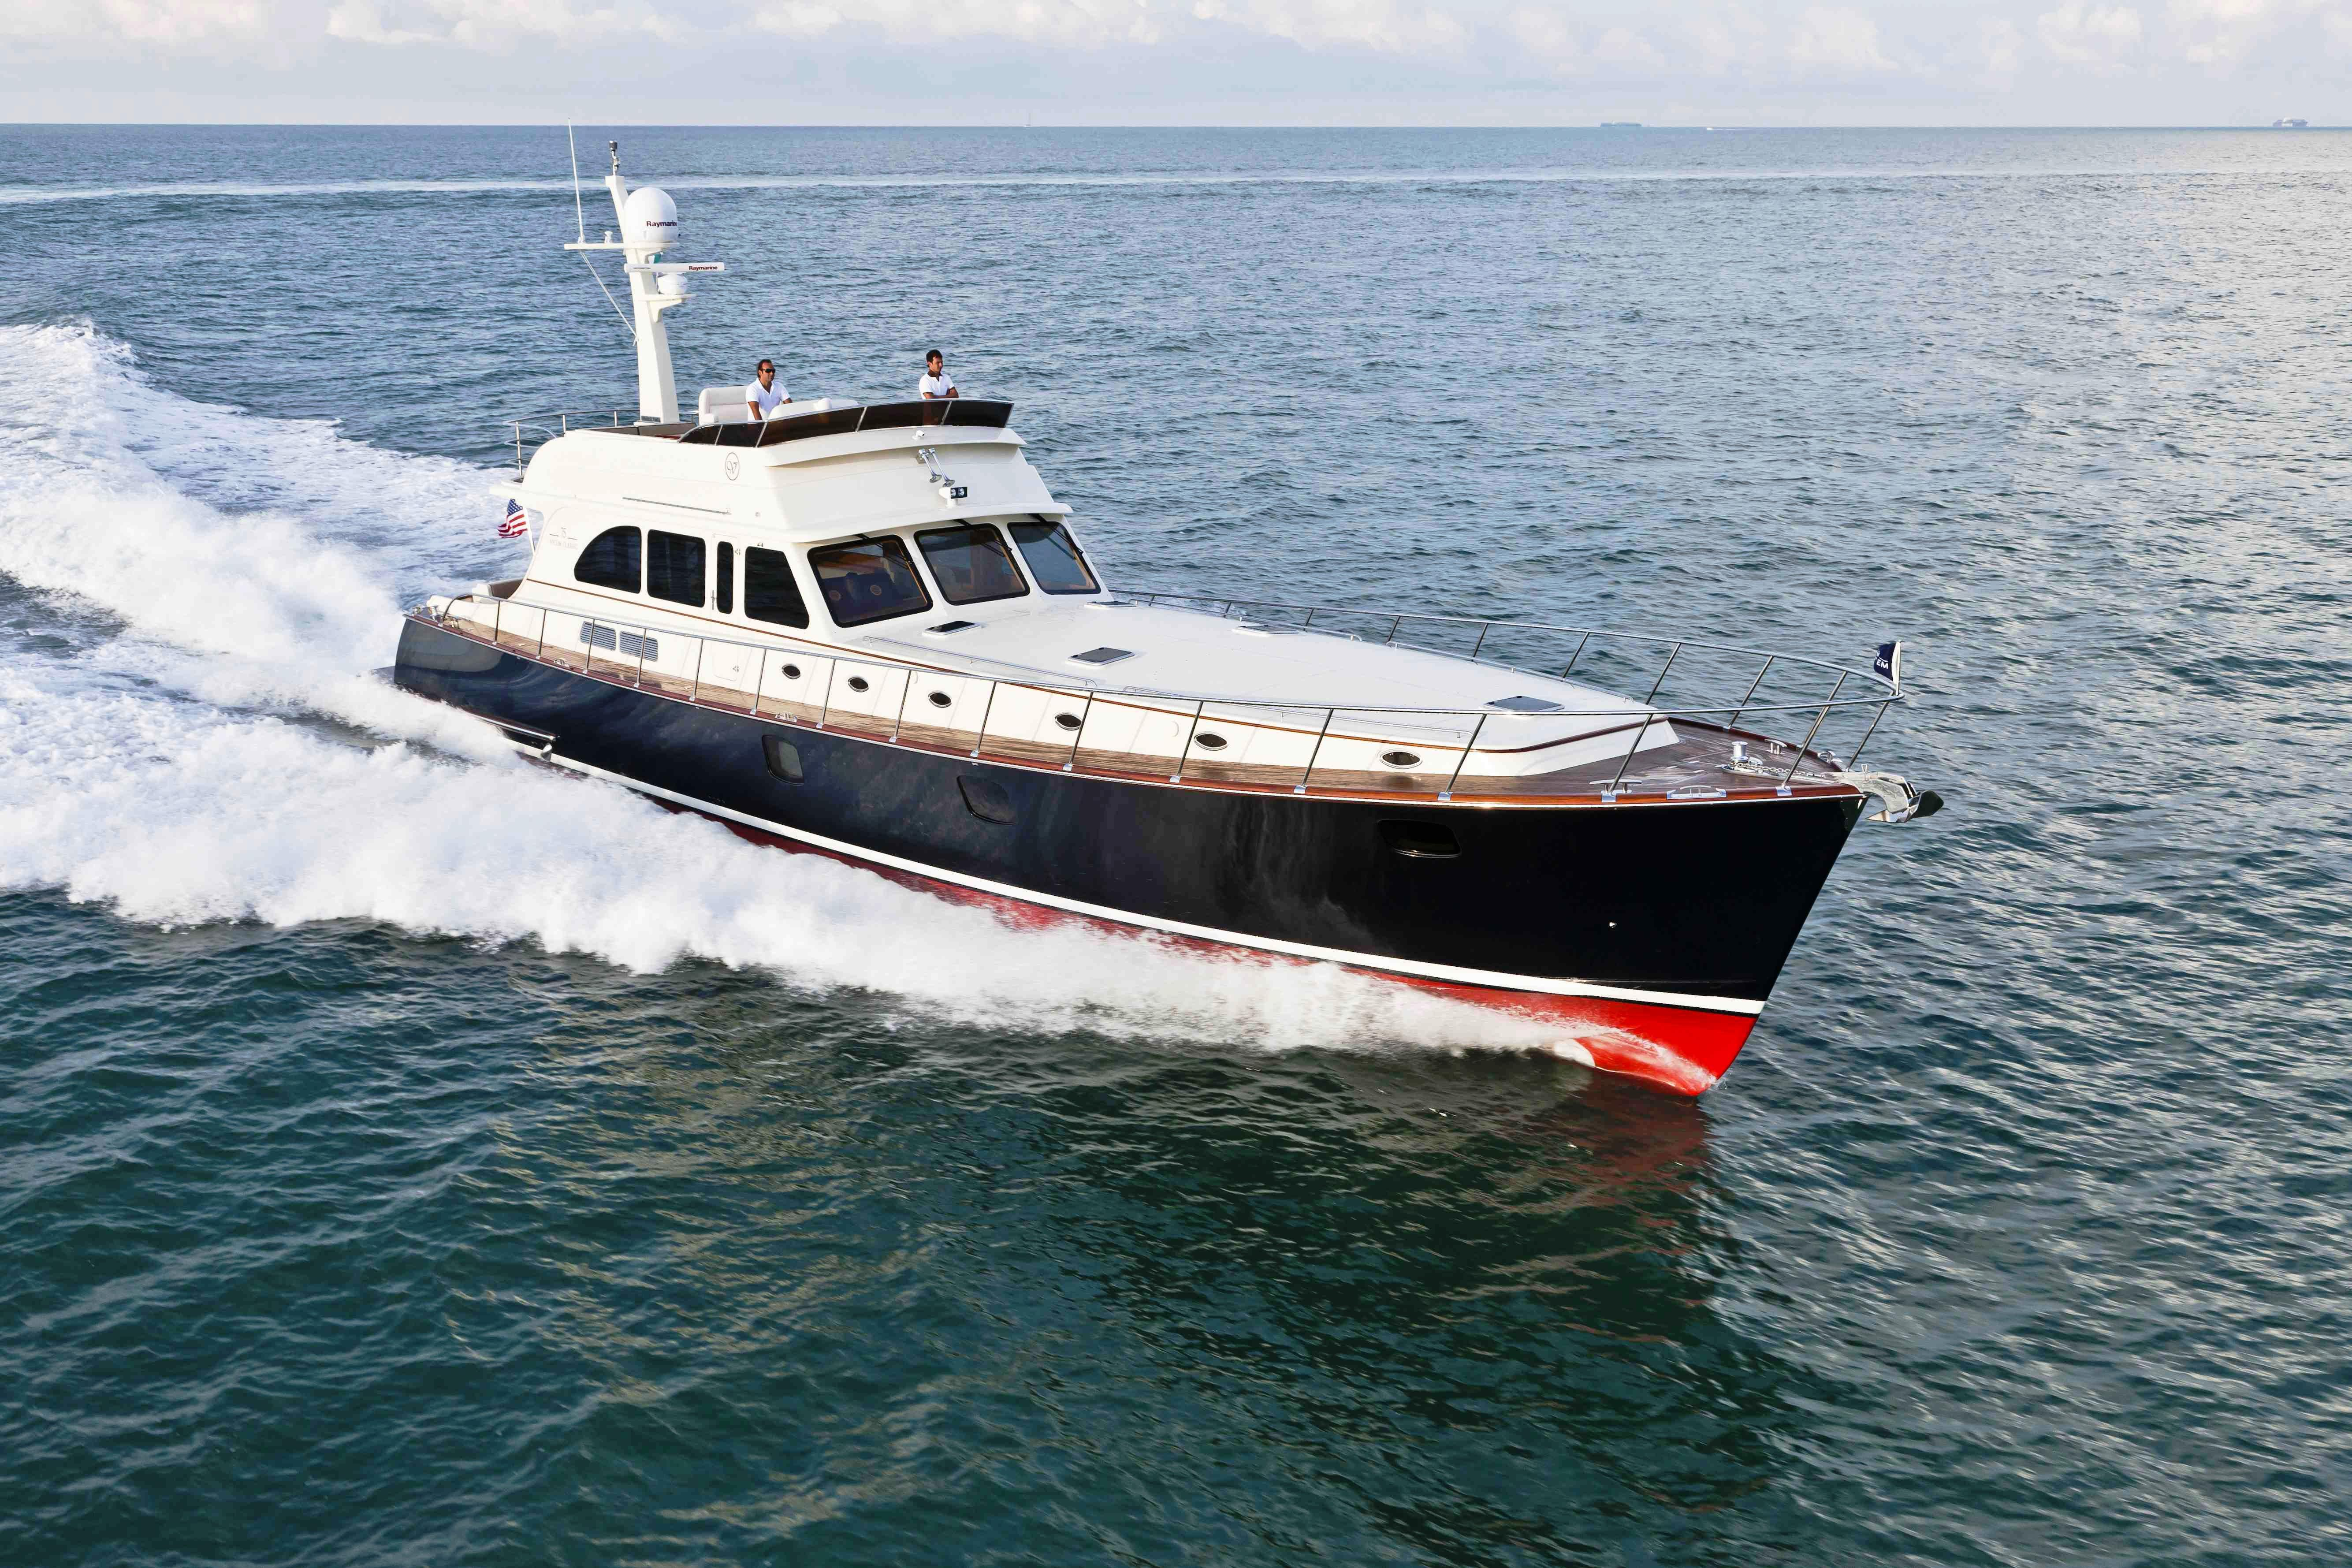 Sxm Diesel Marine Services